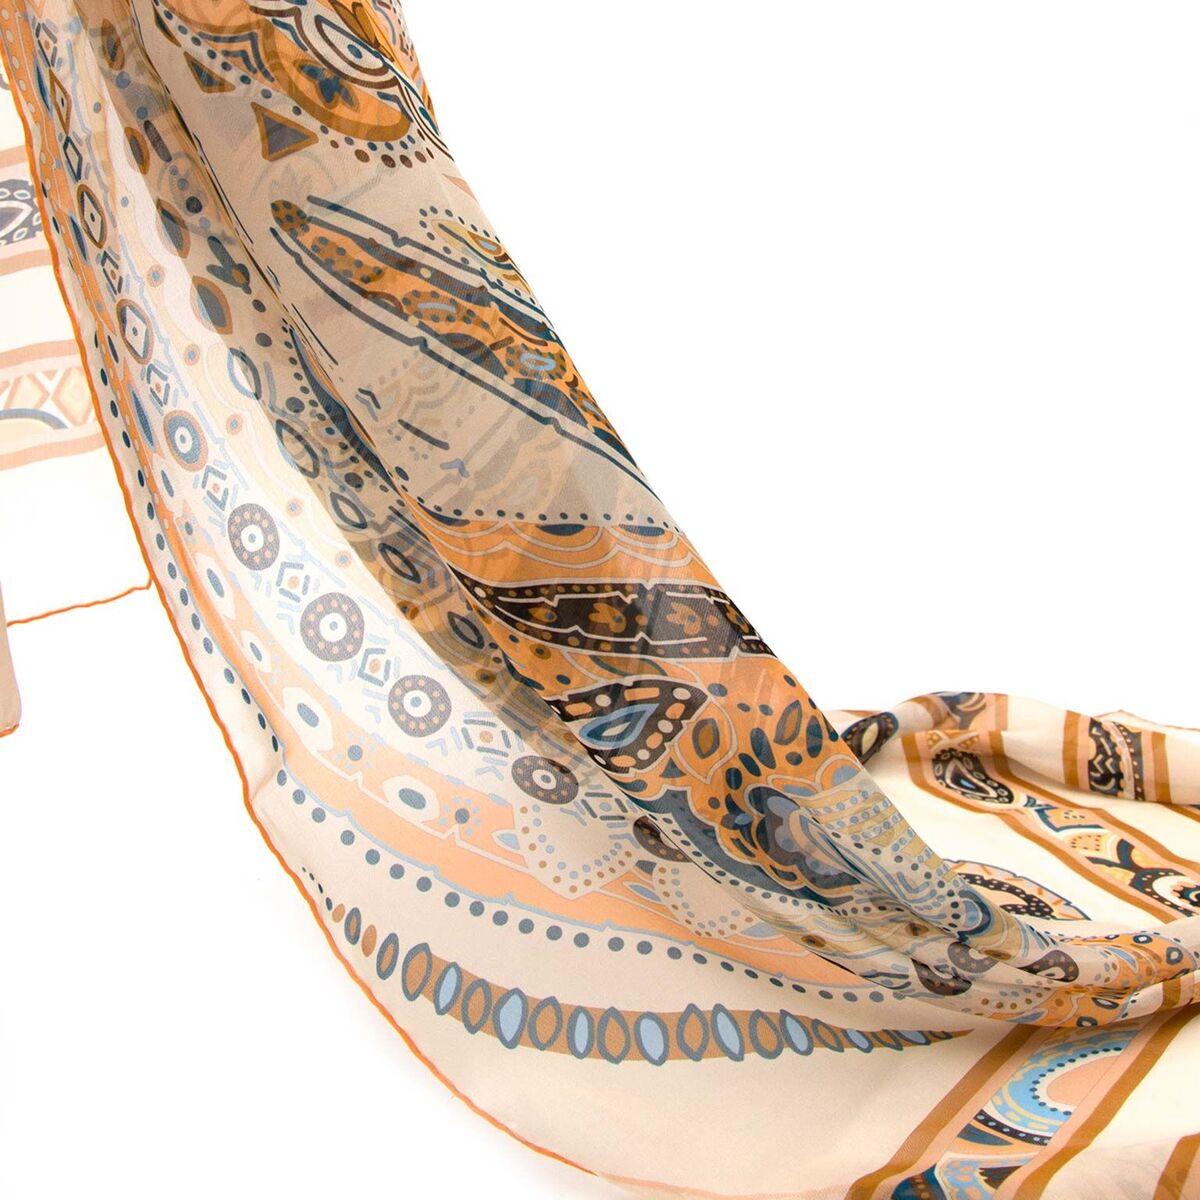 Koop authentieke tweedehands Leonard sjaal in paisly print aan een eerlijke prijs bij LabelLOV. Veilig online shoppen. Luxe merken aan een goede prijs.